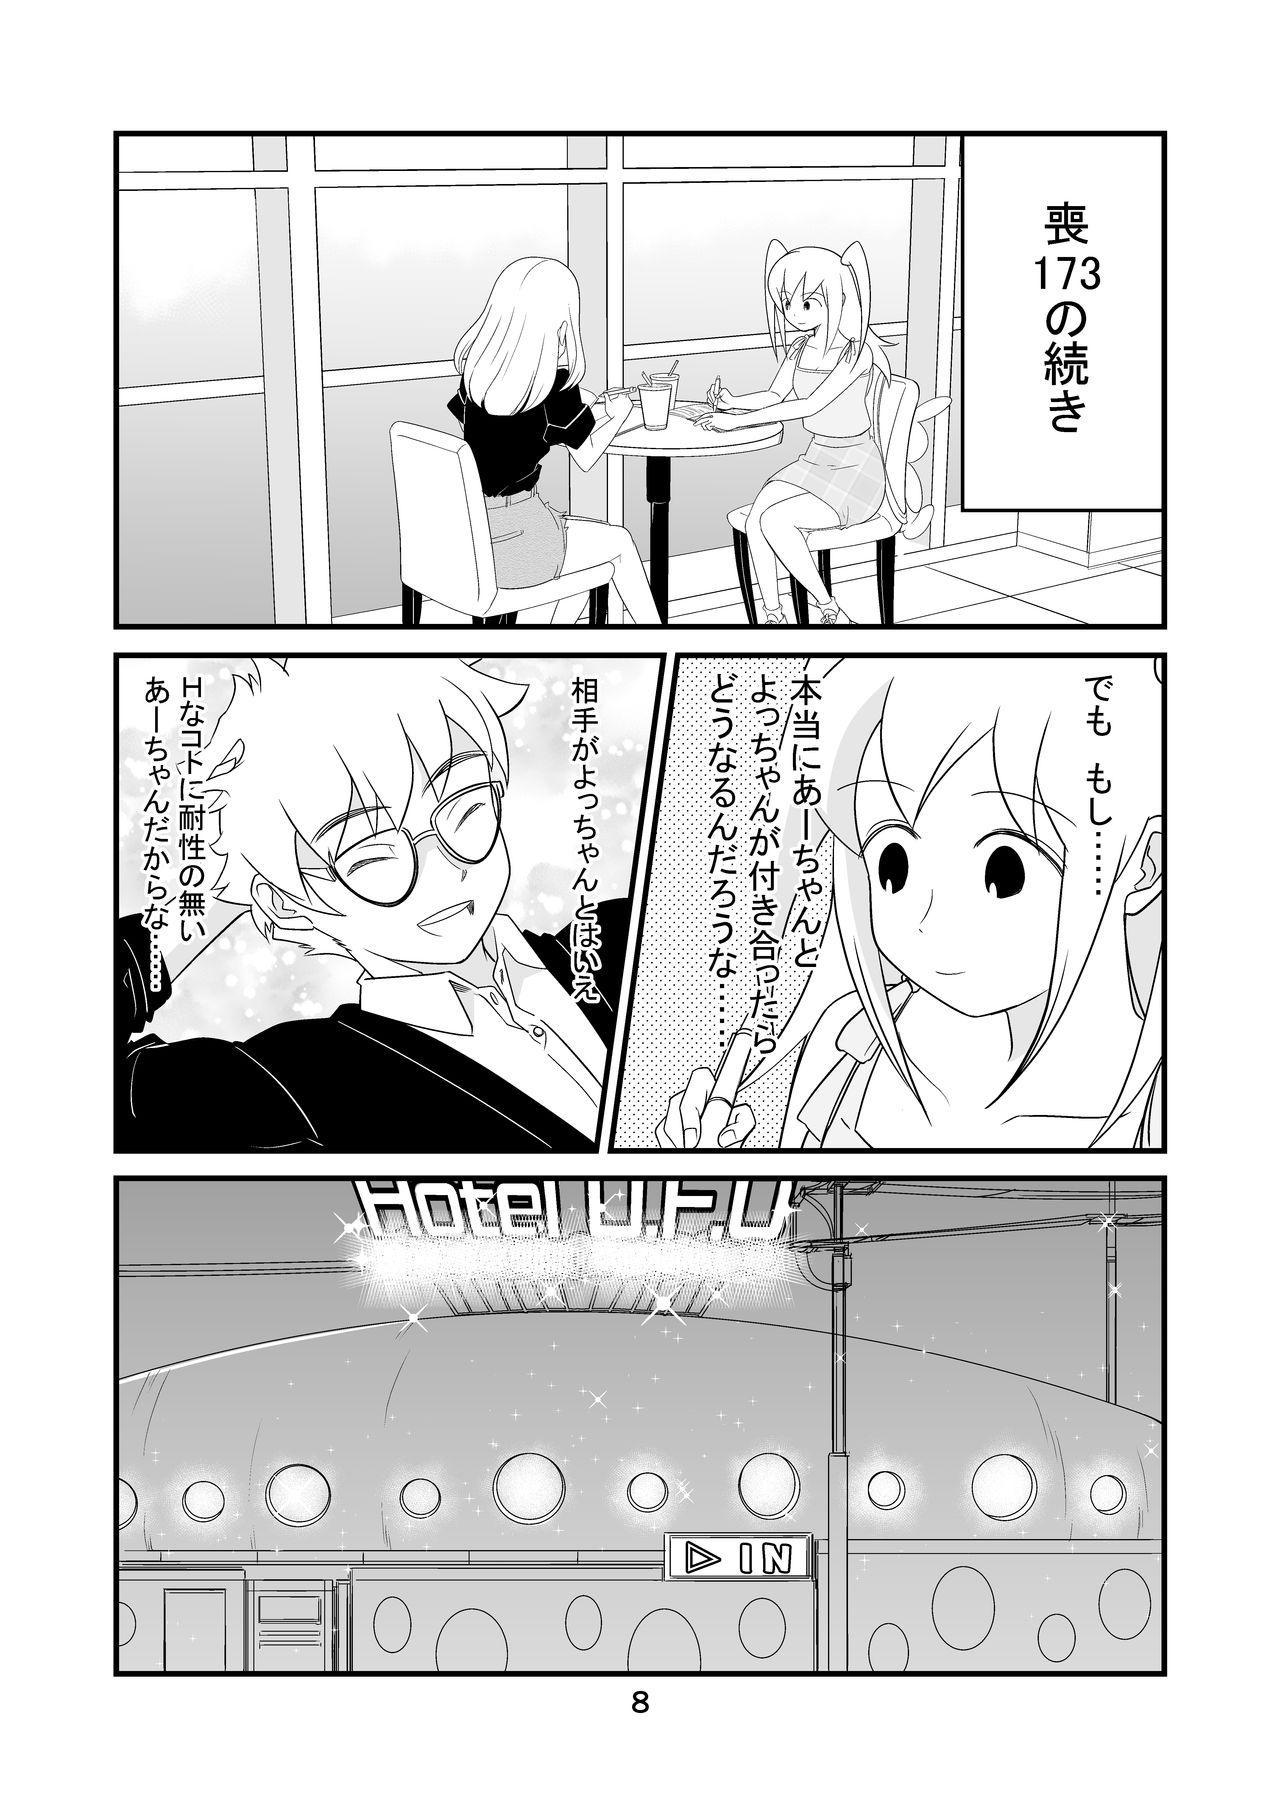 Watamote Seishun Omnibus 7